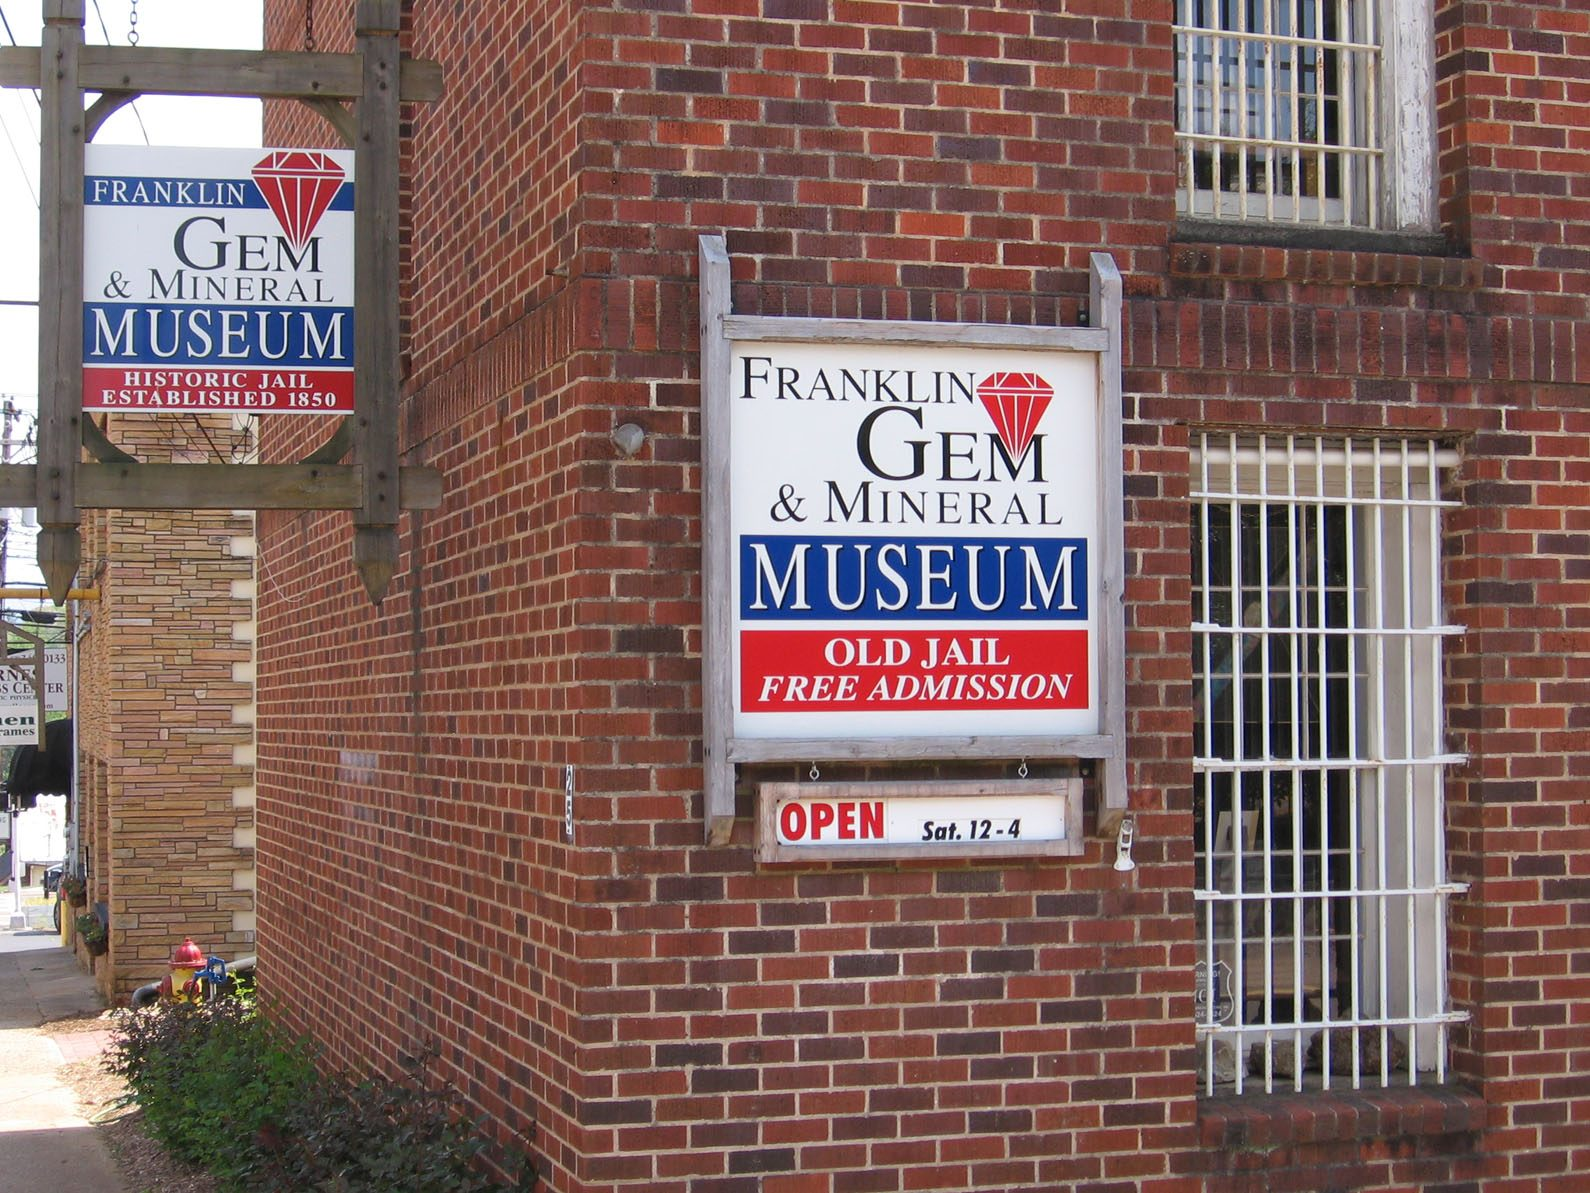 Franklin Gem & Mineral Museum